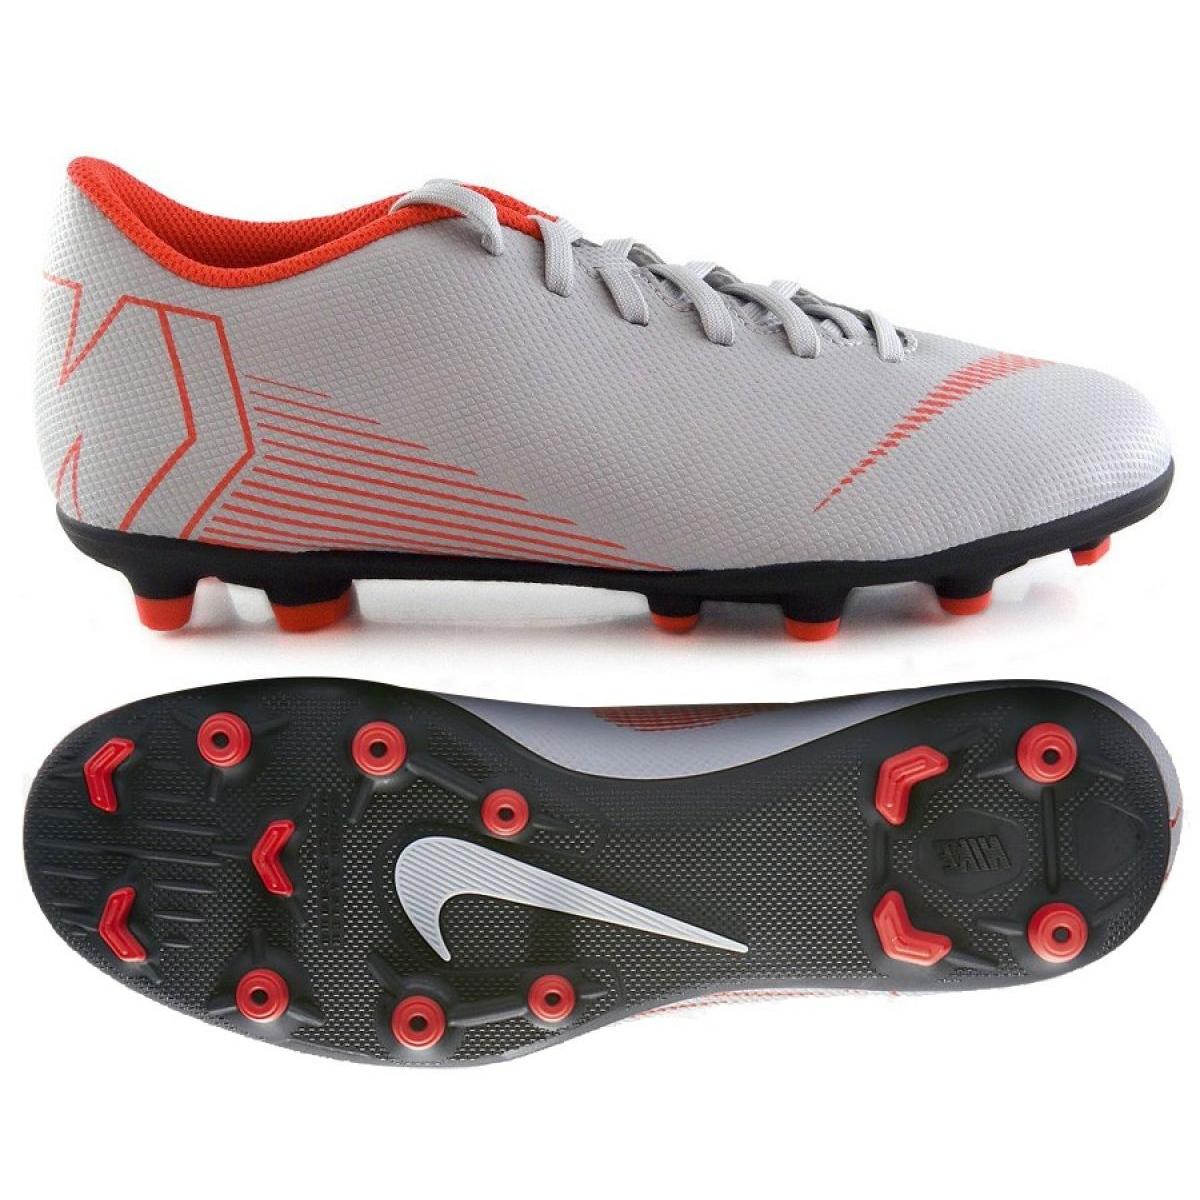 Zapatos de fútbol 2018 Nike Mercurial Vapor 12 FG Verde Plata